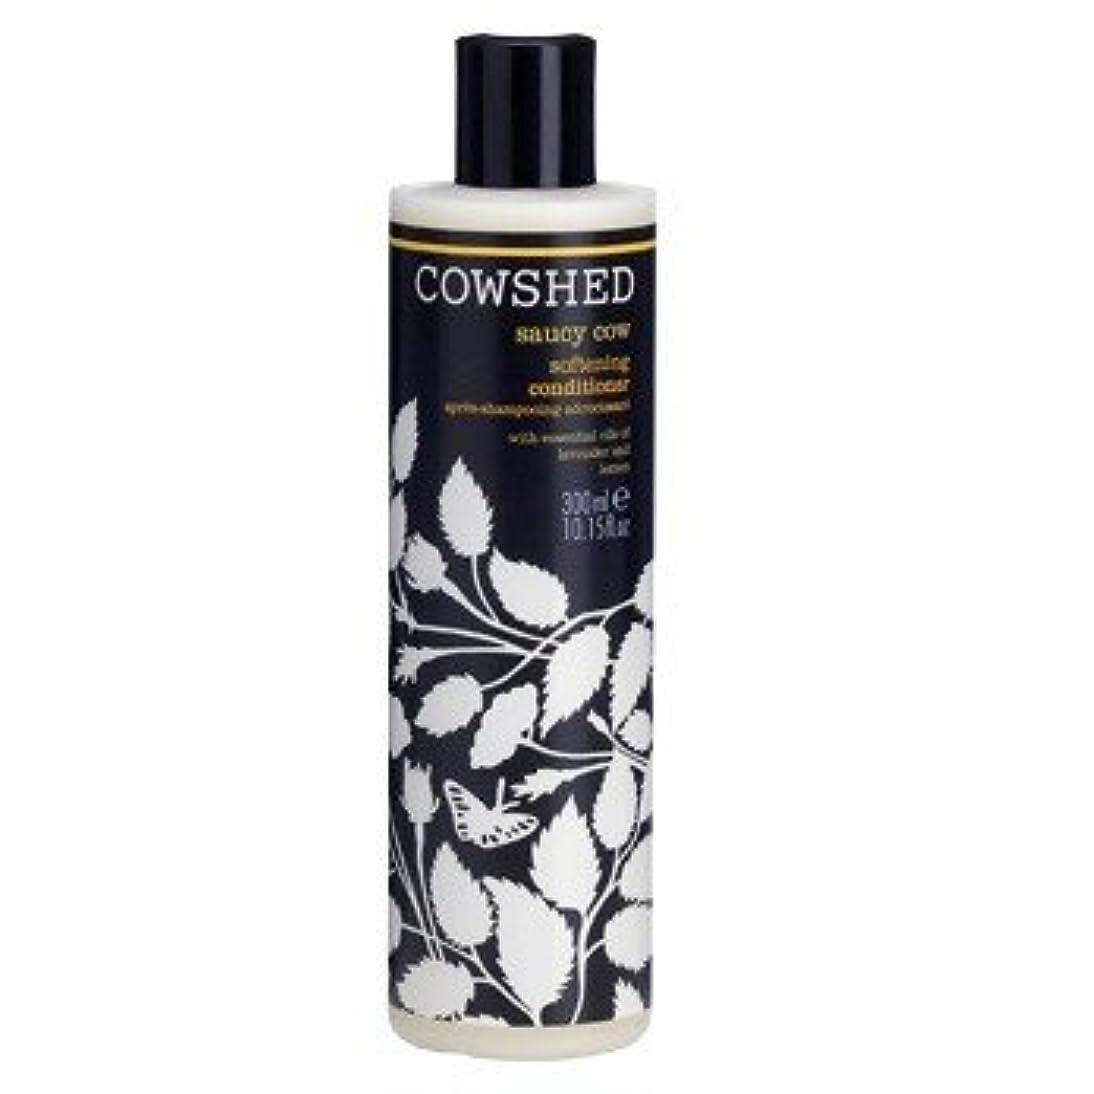 打撃煙敬意を表する牛舎生意気な牛軟化コンディショナー300ミリリットル (Cowshed) - Cowshed Saucy Cow Softening Conditioner 300ml [並行輸入品]